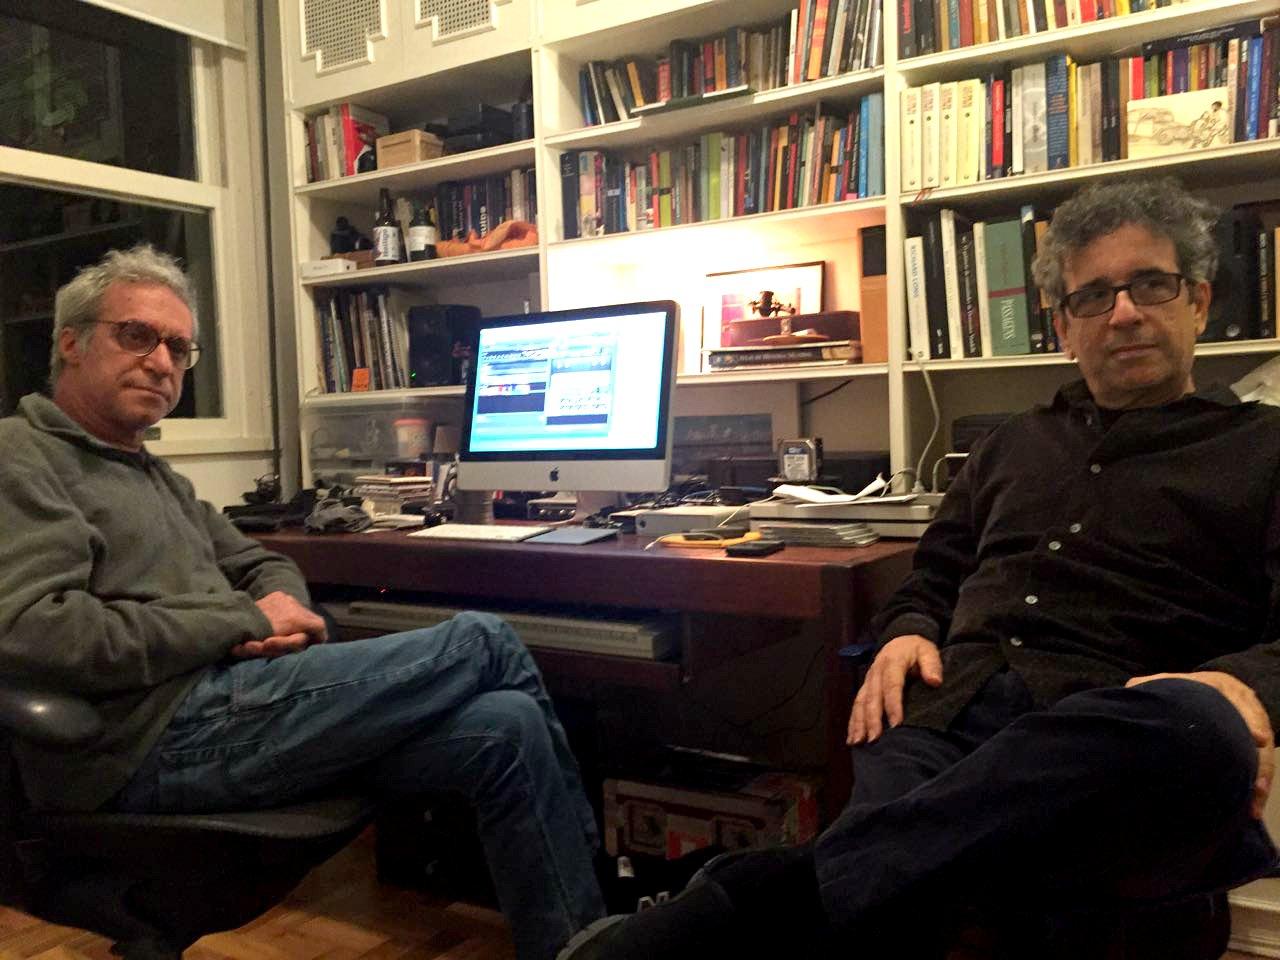 Zé Nogueira e Mario Adnet: o trabalho pelo legado de Moacir Santos Foto: Beatriz Cruz/coisasdamusica